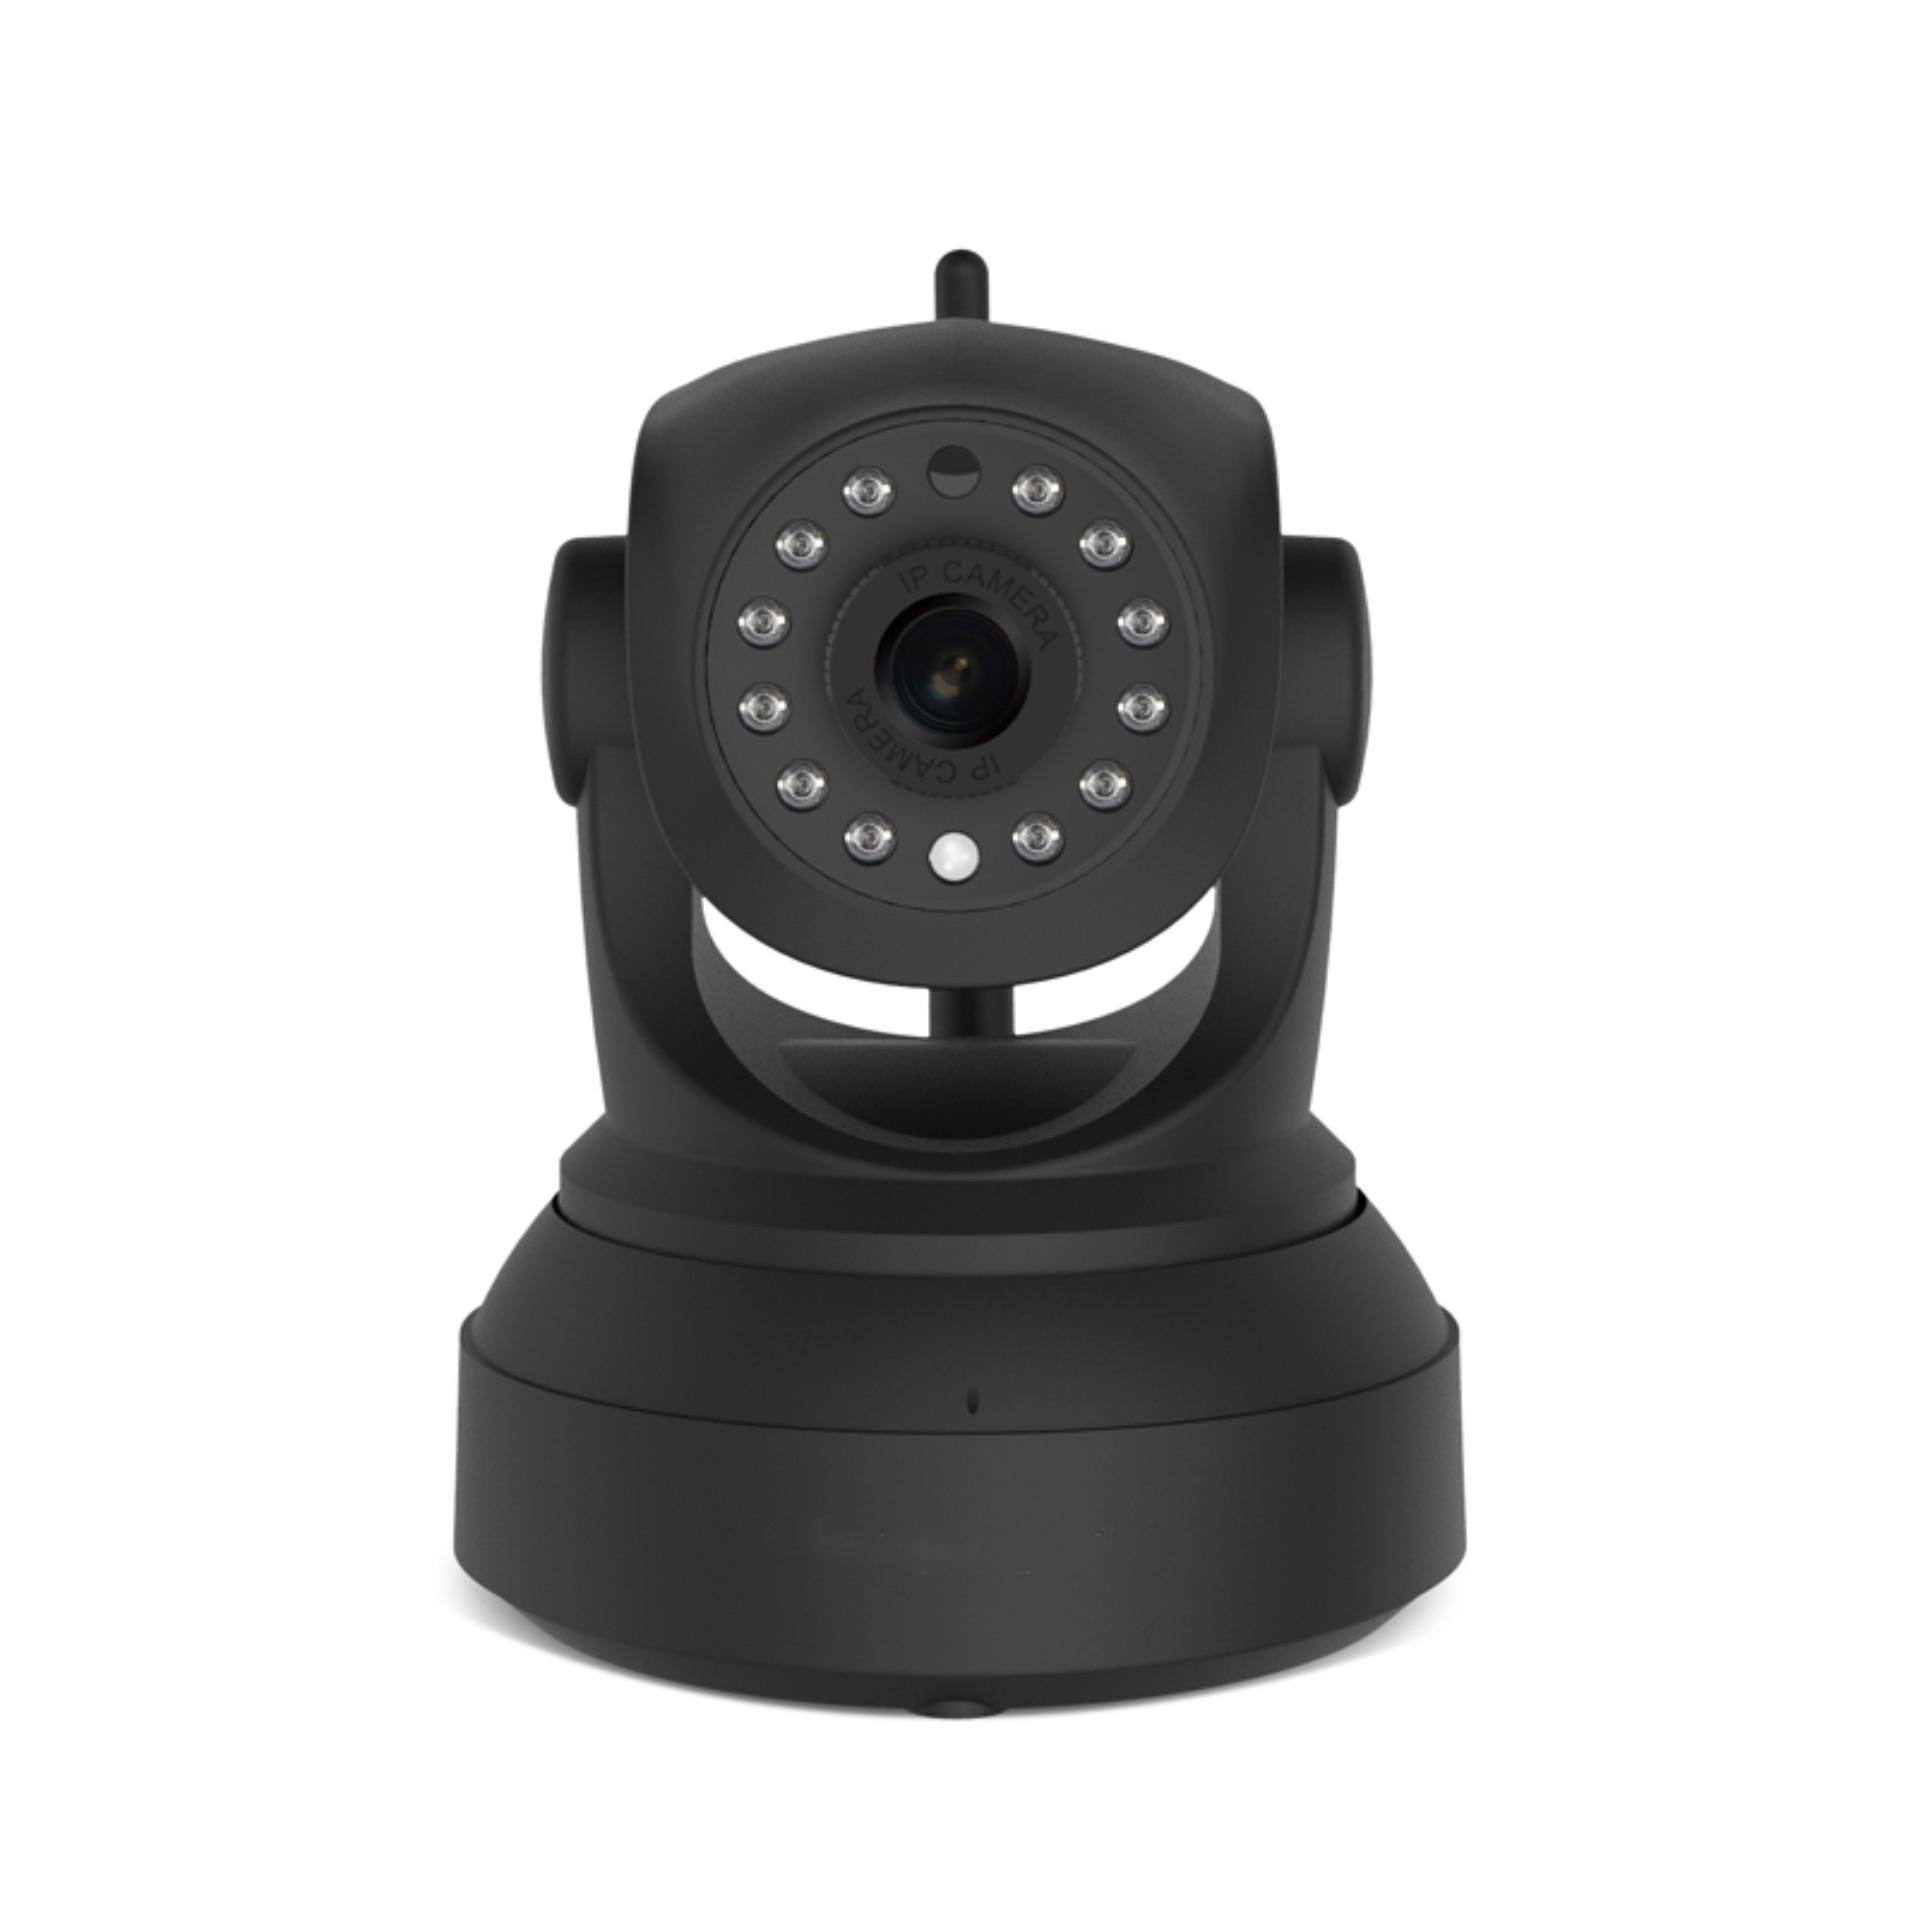 VStarcam C7824WIP Black IP Camera 720P HD